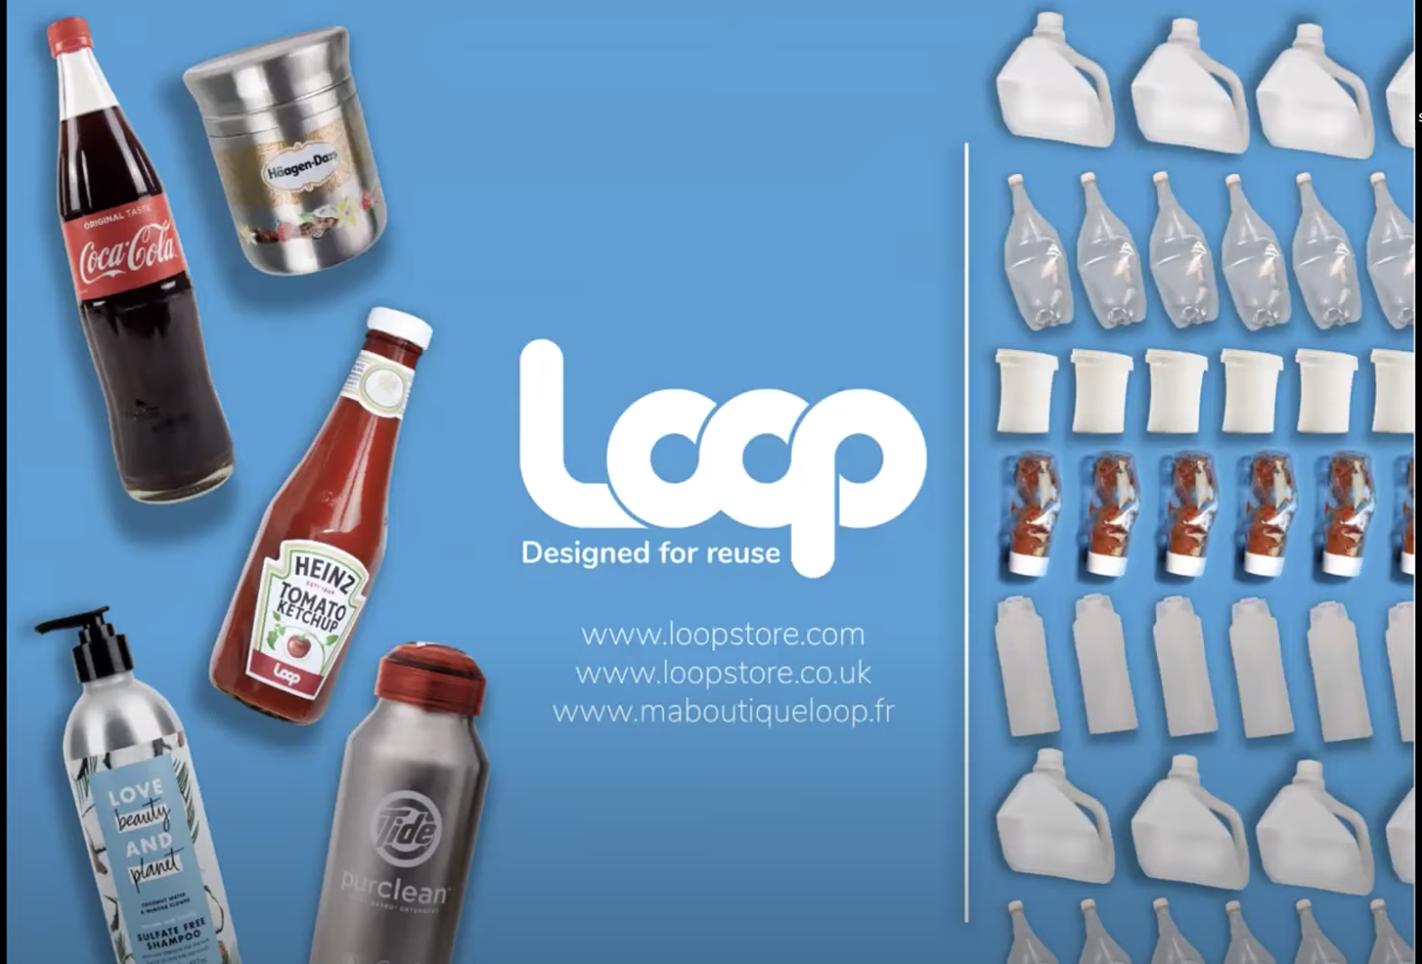 Screenshot representing the Loop initative